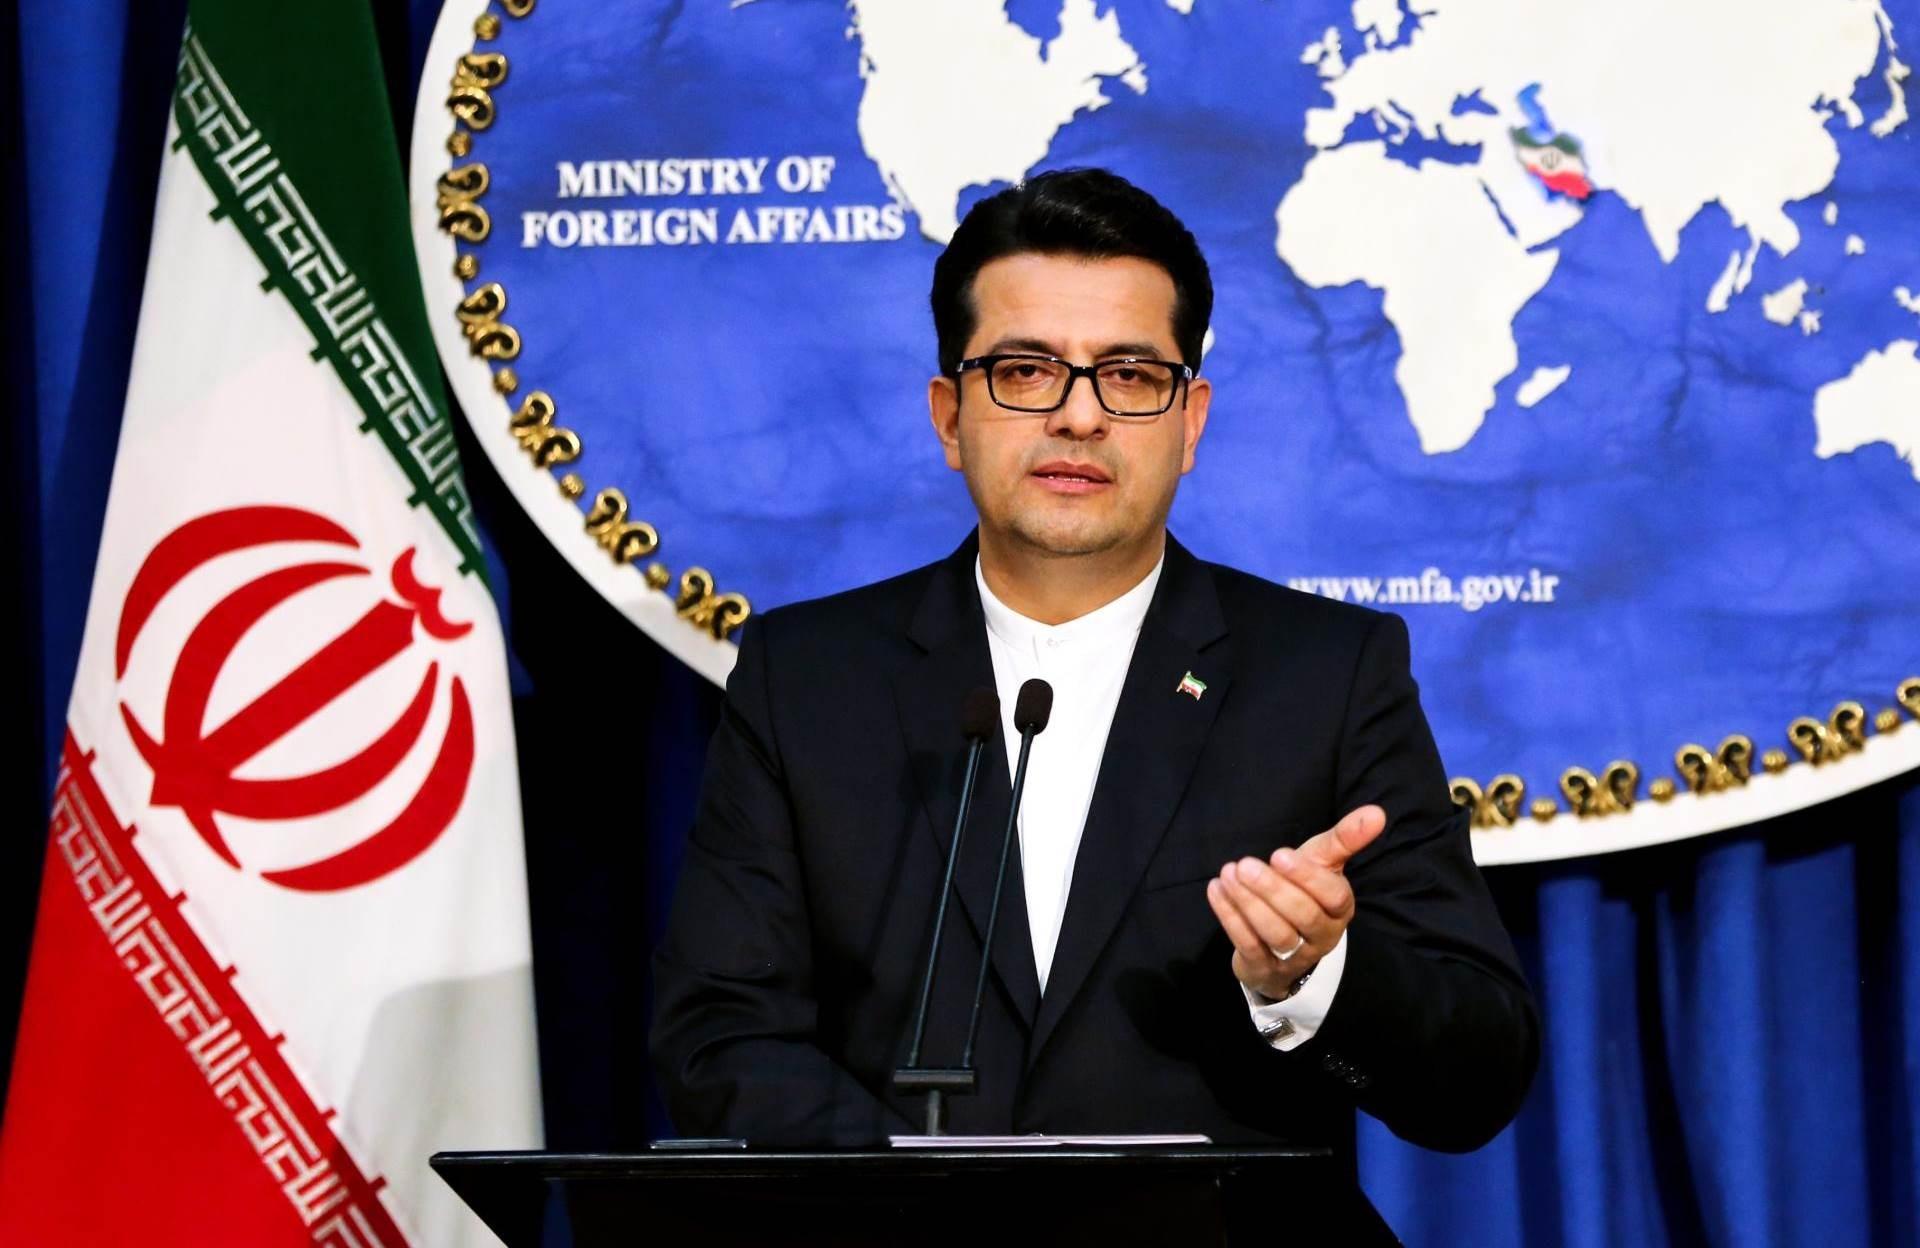 الخارجية الإيرانية تدين الهجوم الإرهابي لداعش في العراق